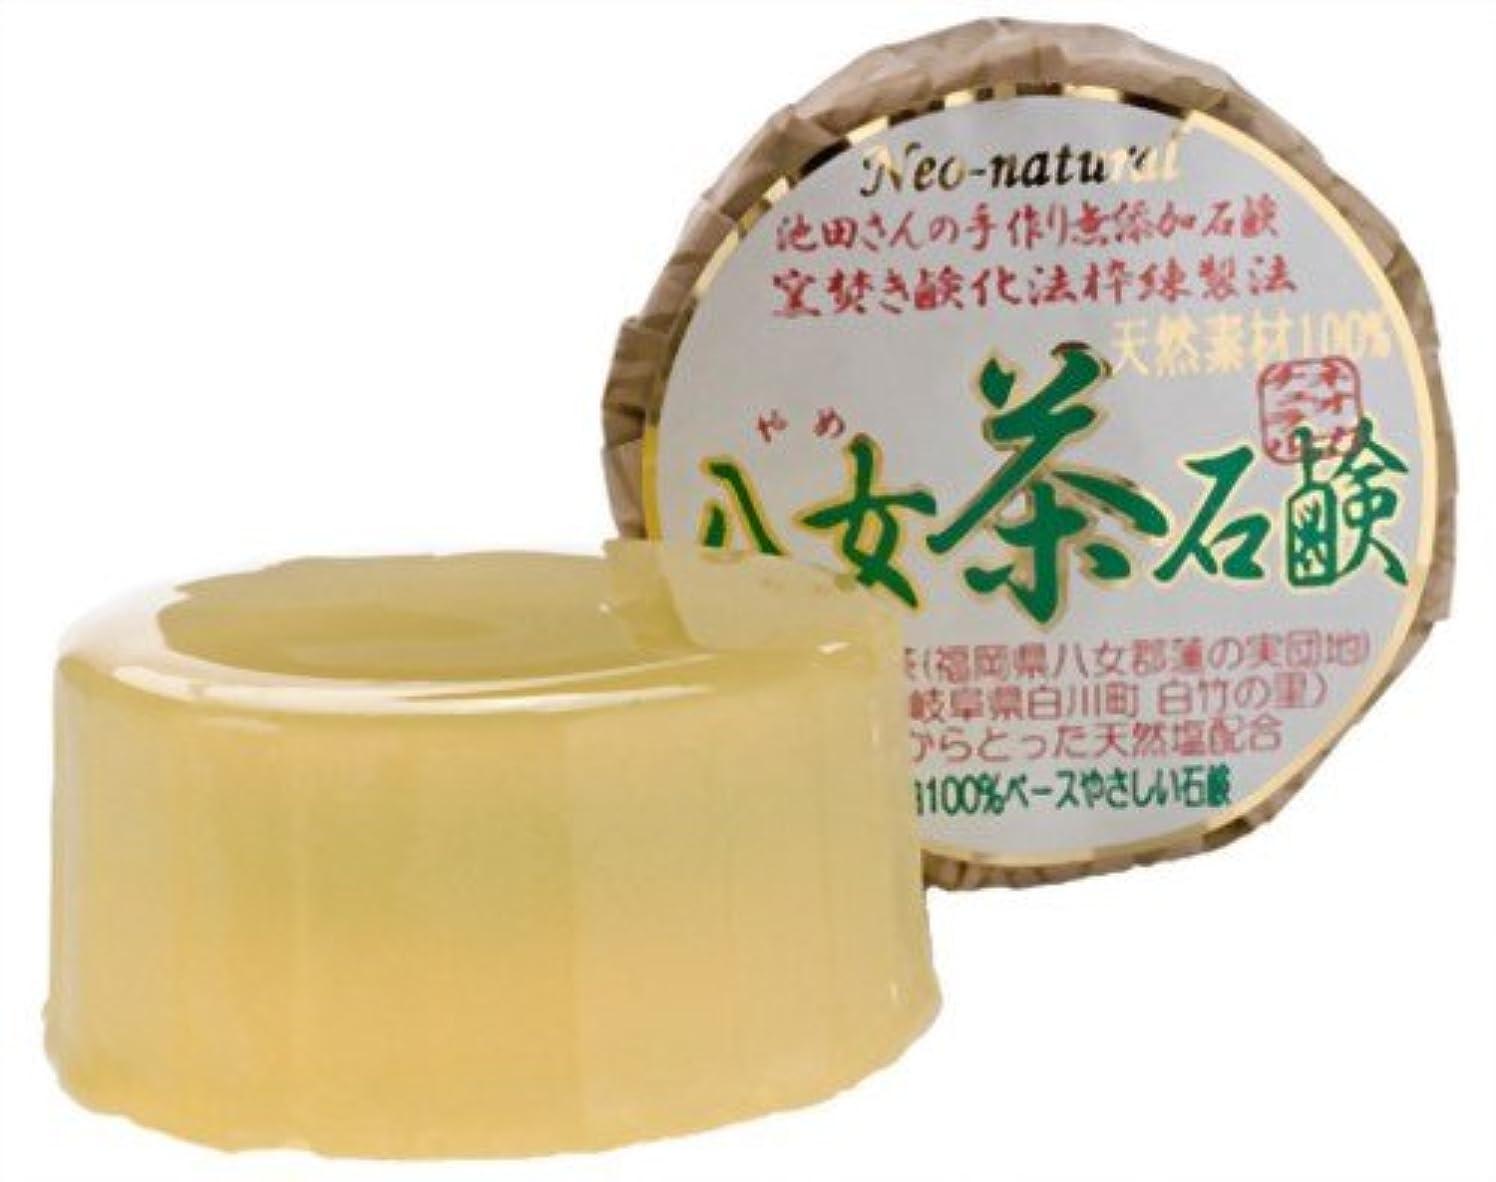 ホットシンカンバックネオナチュラル 池田さんの八女茶石鹸 80g